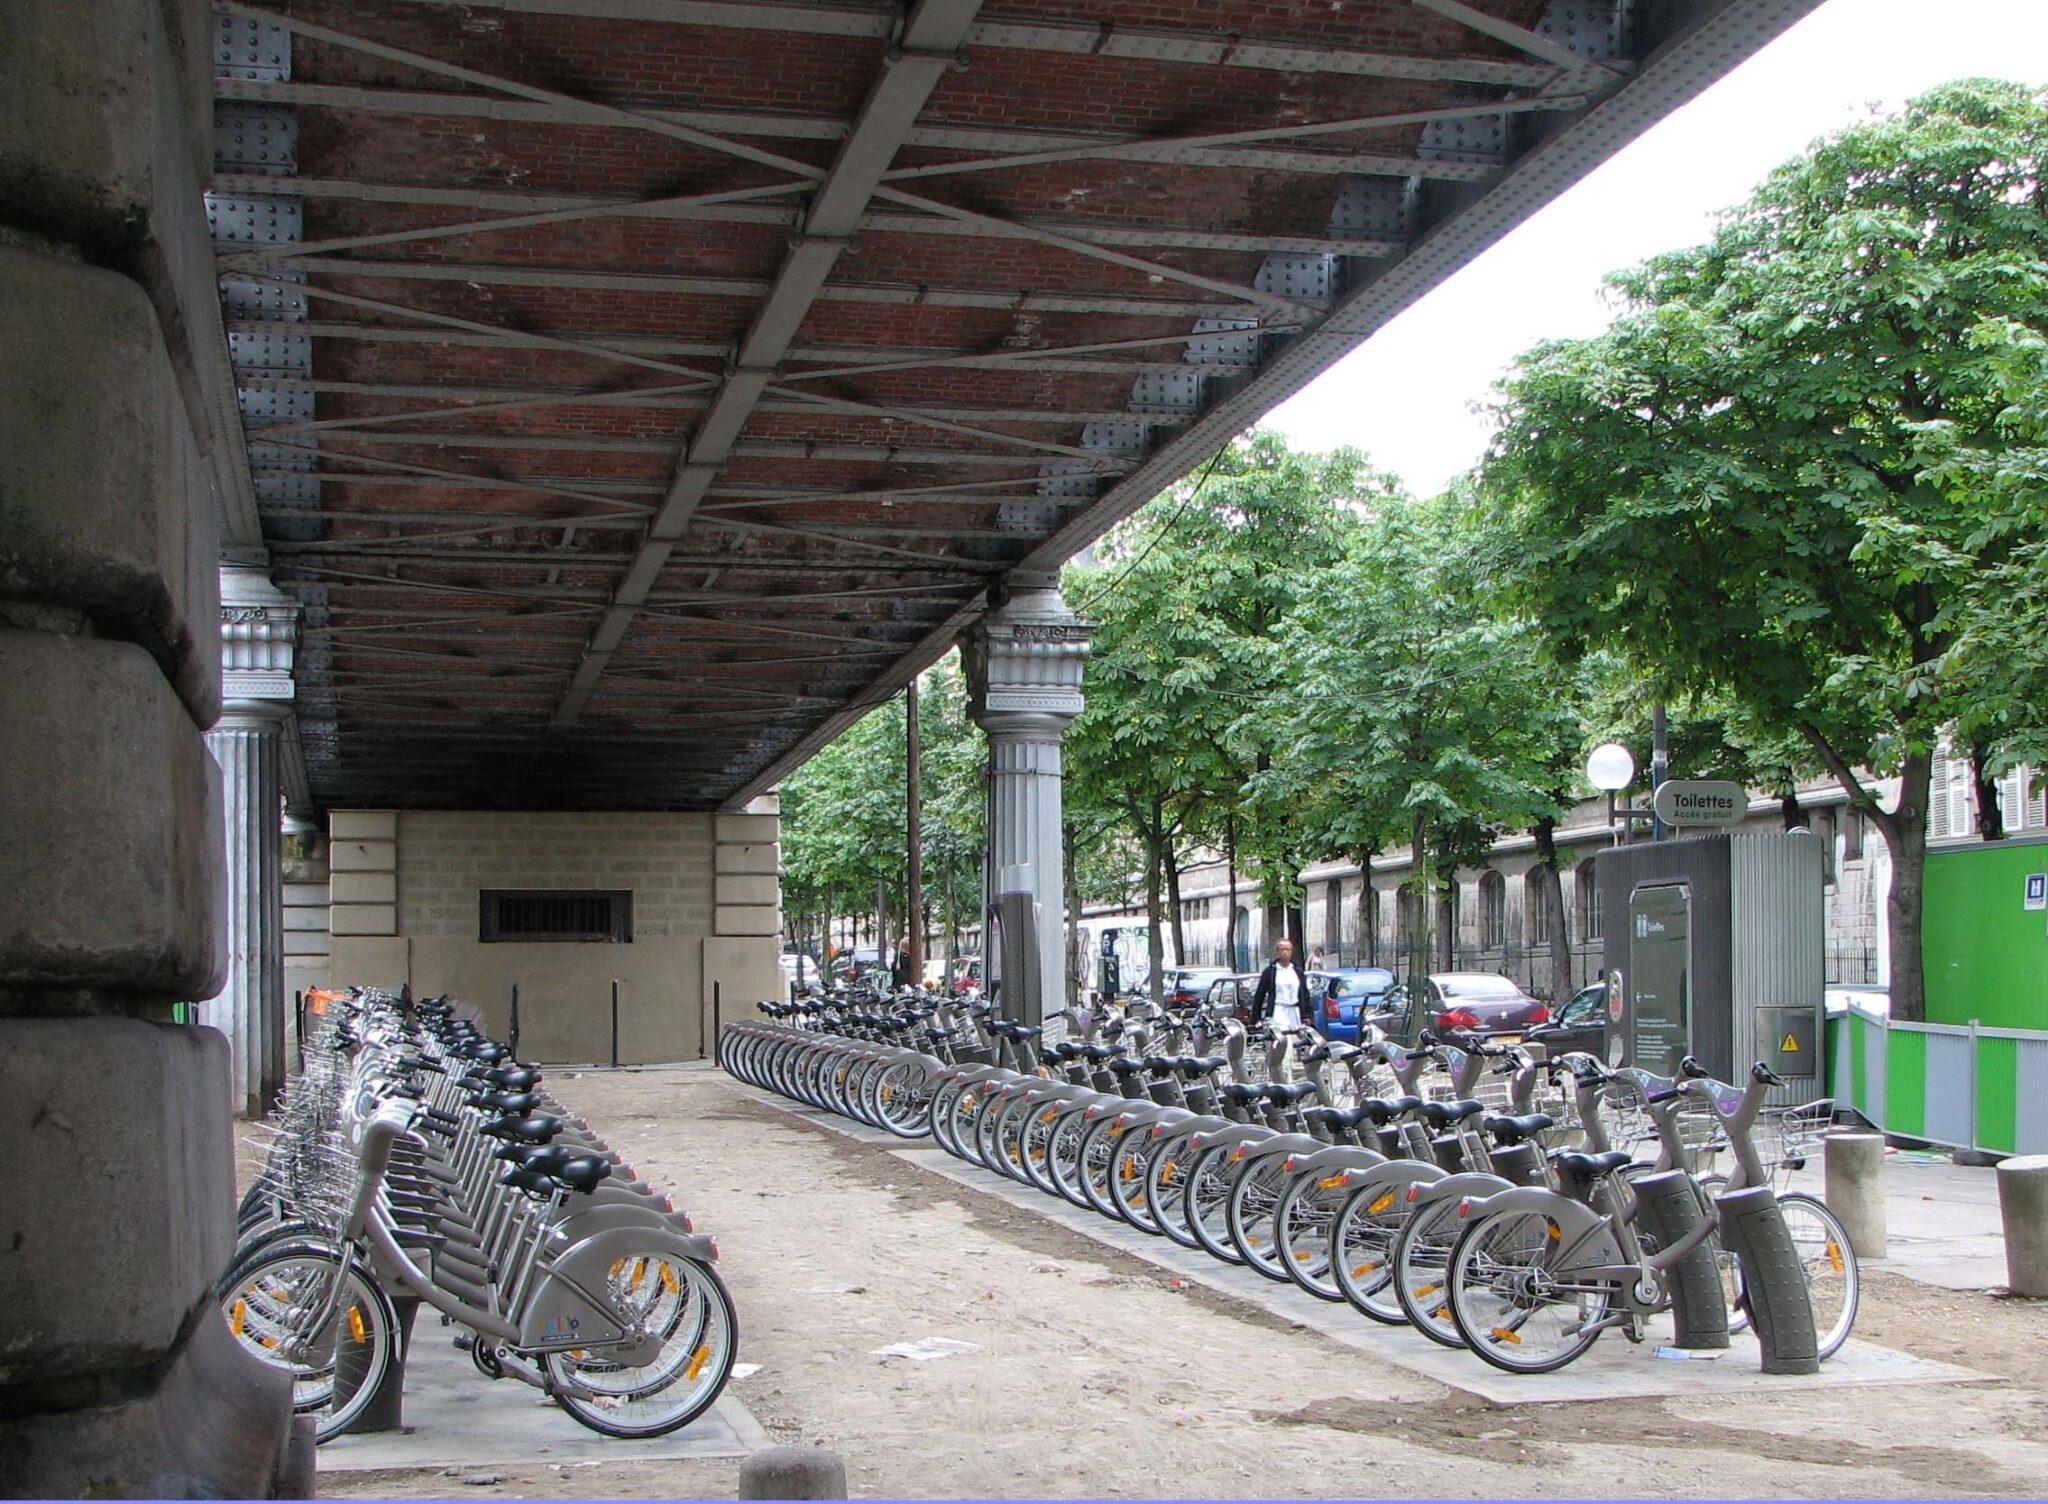 Bilan du Vélib après 10 ans : + de 2400 vélibs vandalisés chaque année